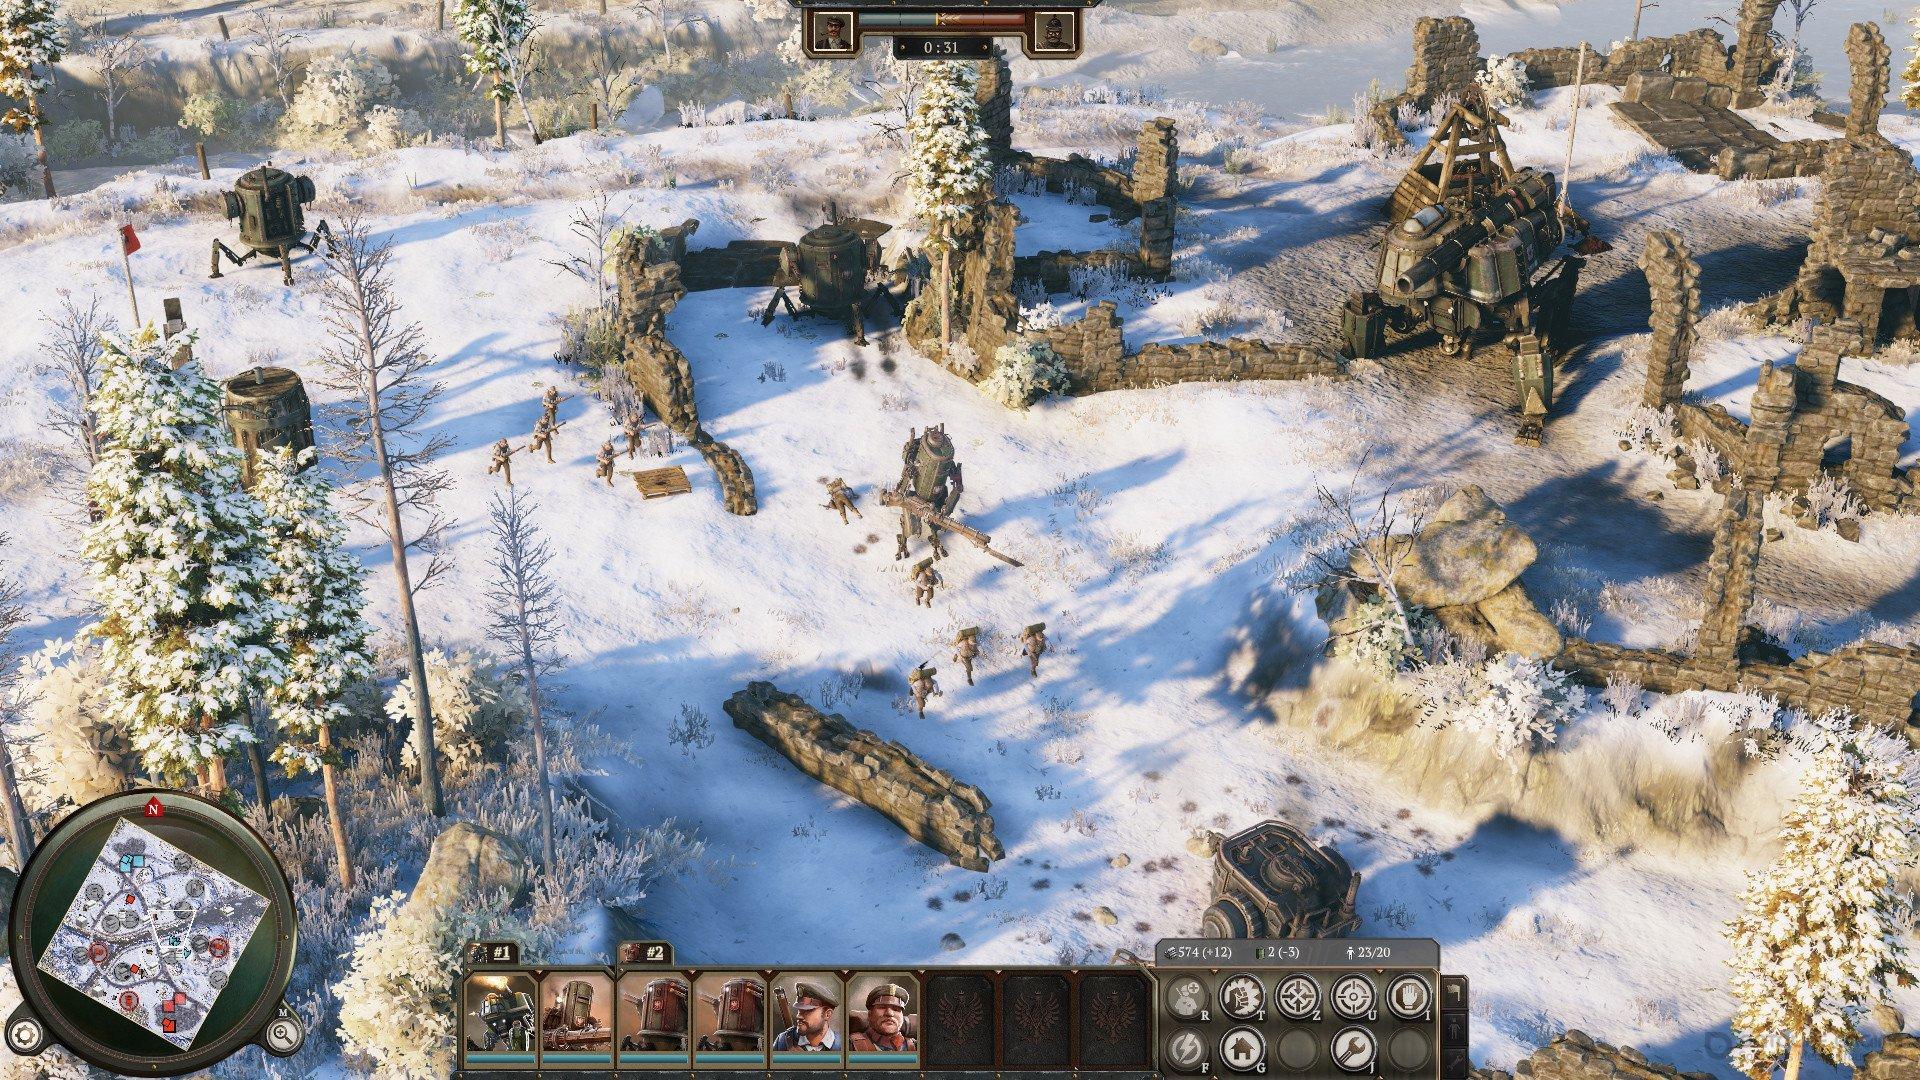 Скриншот к игре Iron Harvest - Deluxe Edition v.1.1.7.2262 [GOG] (2020) скачать торрент Лицензия